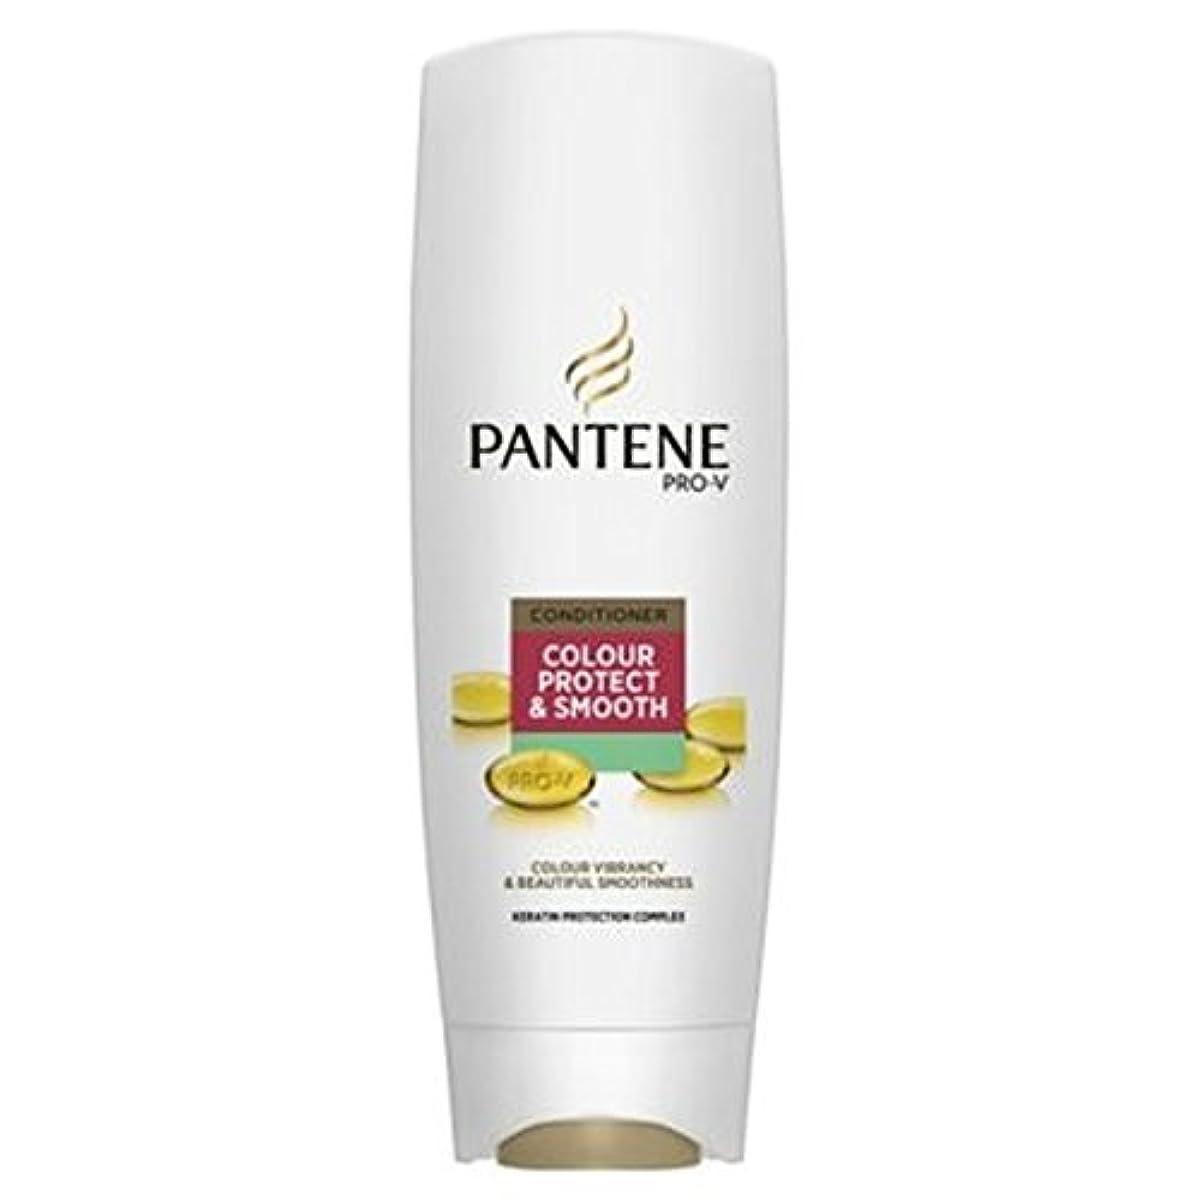 オリエンタル船未来パンテーンプロVの色保護&スムーズコンディショナー360ミリリットル (Pantene) (x2) - Pantene Pro-V Colour Protect & Smooth Conditioner 360ml (Pack of 2) [並行輸入品]